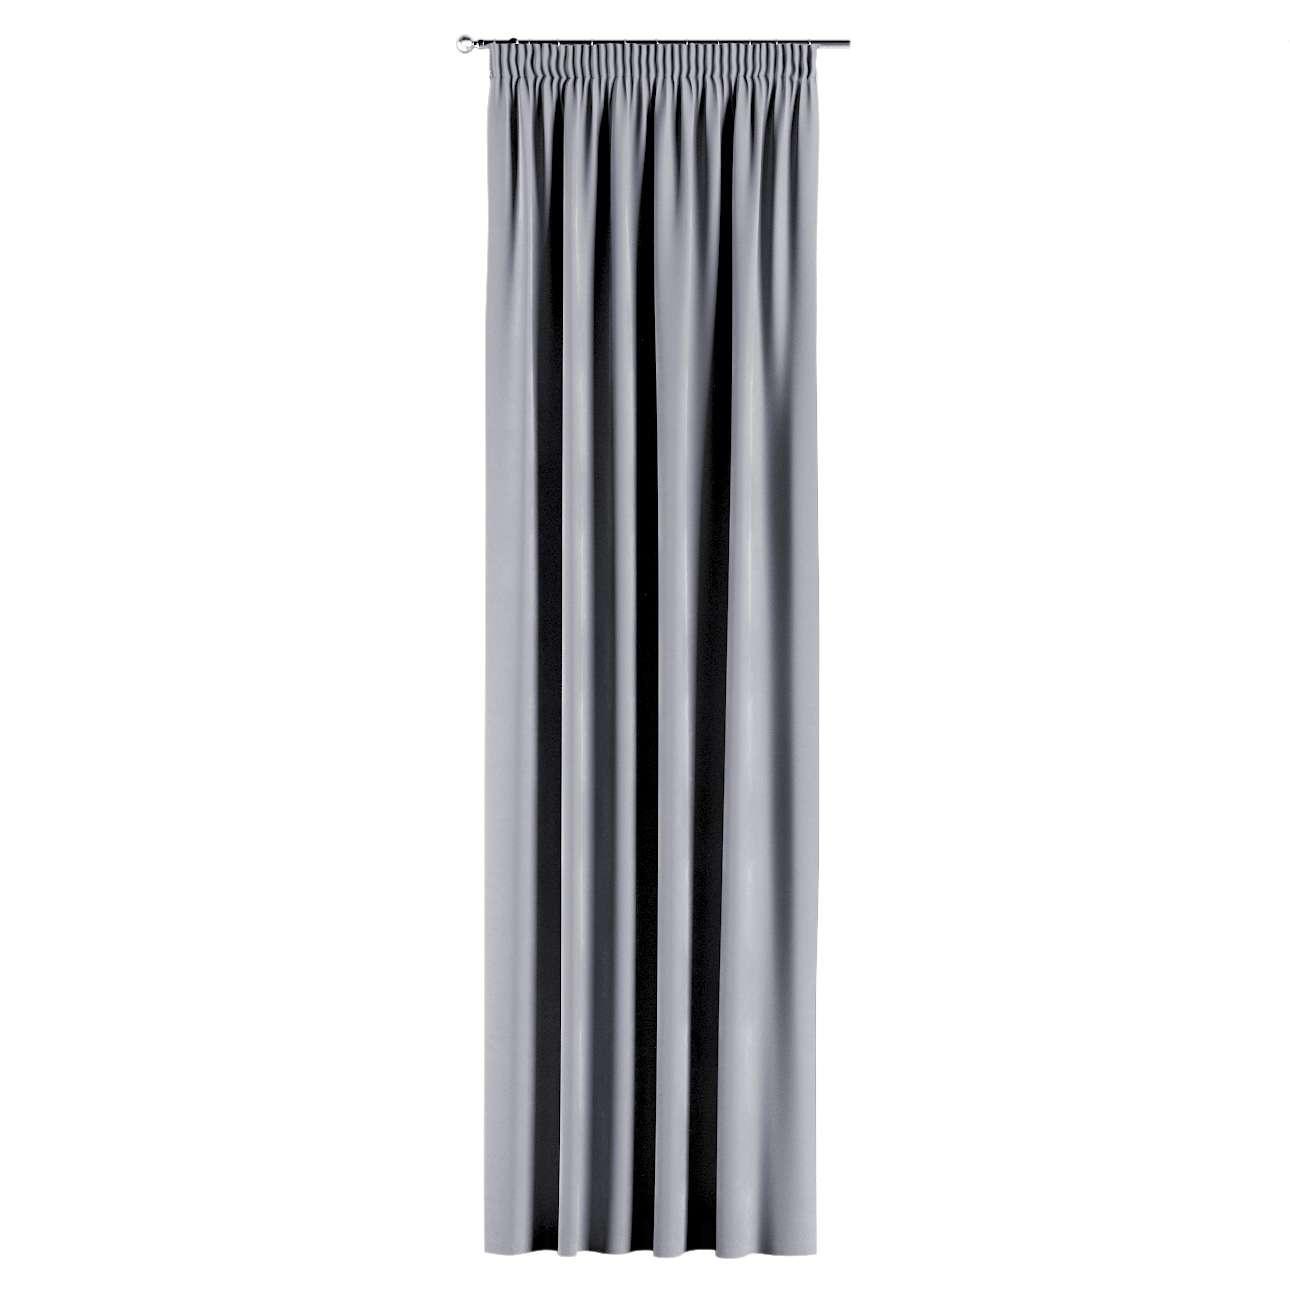 Závěs s řasící páskou v kolekci Velvet, látka: 704-24